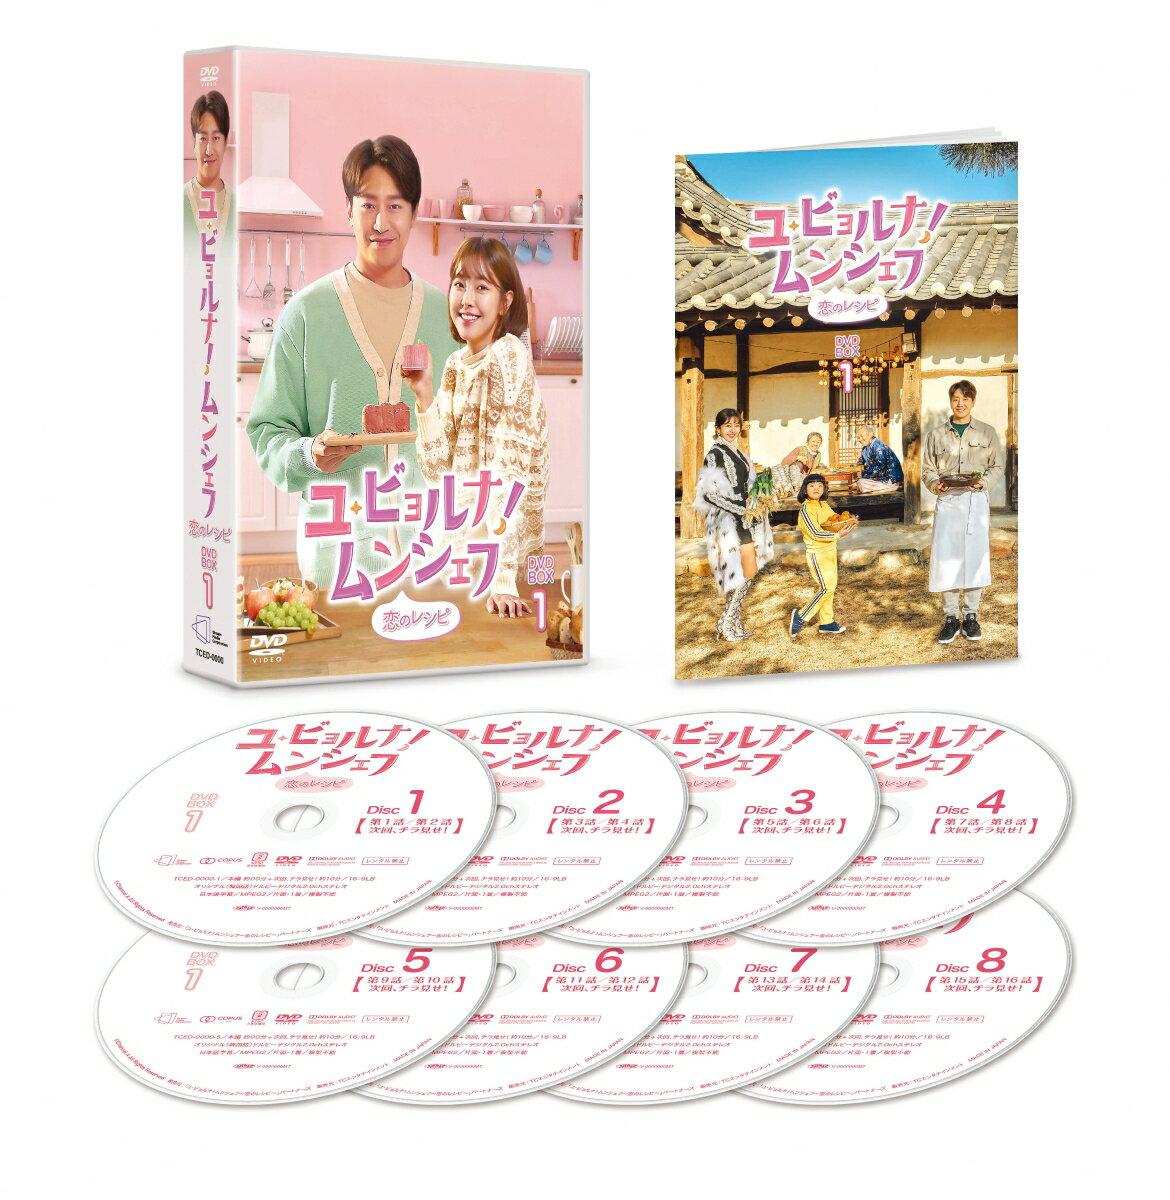 ユ・ビョルナ!ムンシェフ~恋のレシピ~ DVD-BOX1